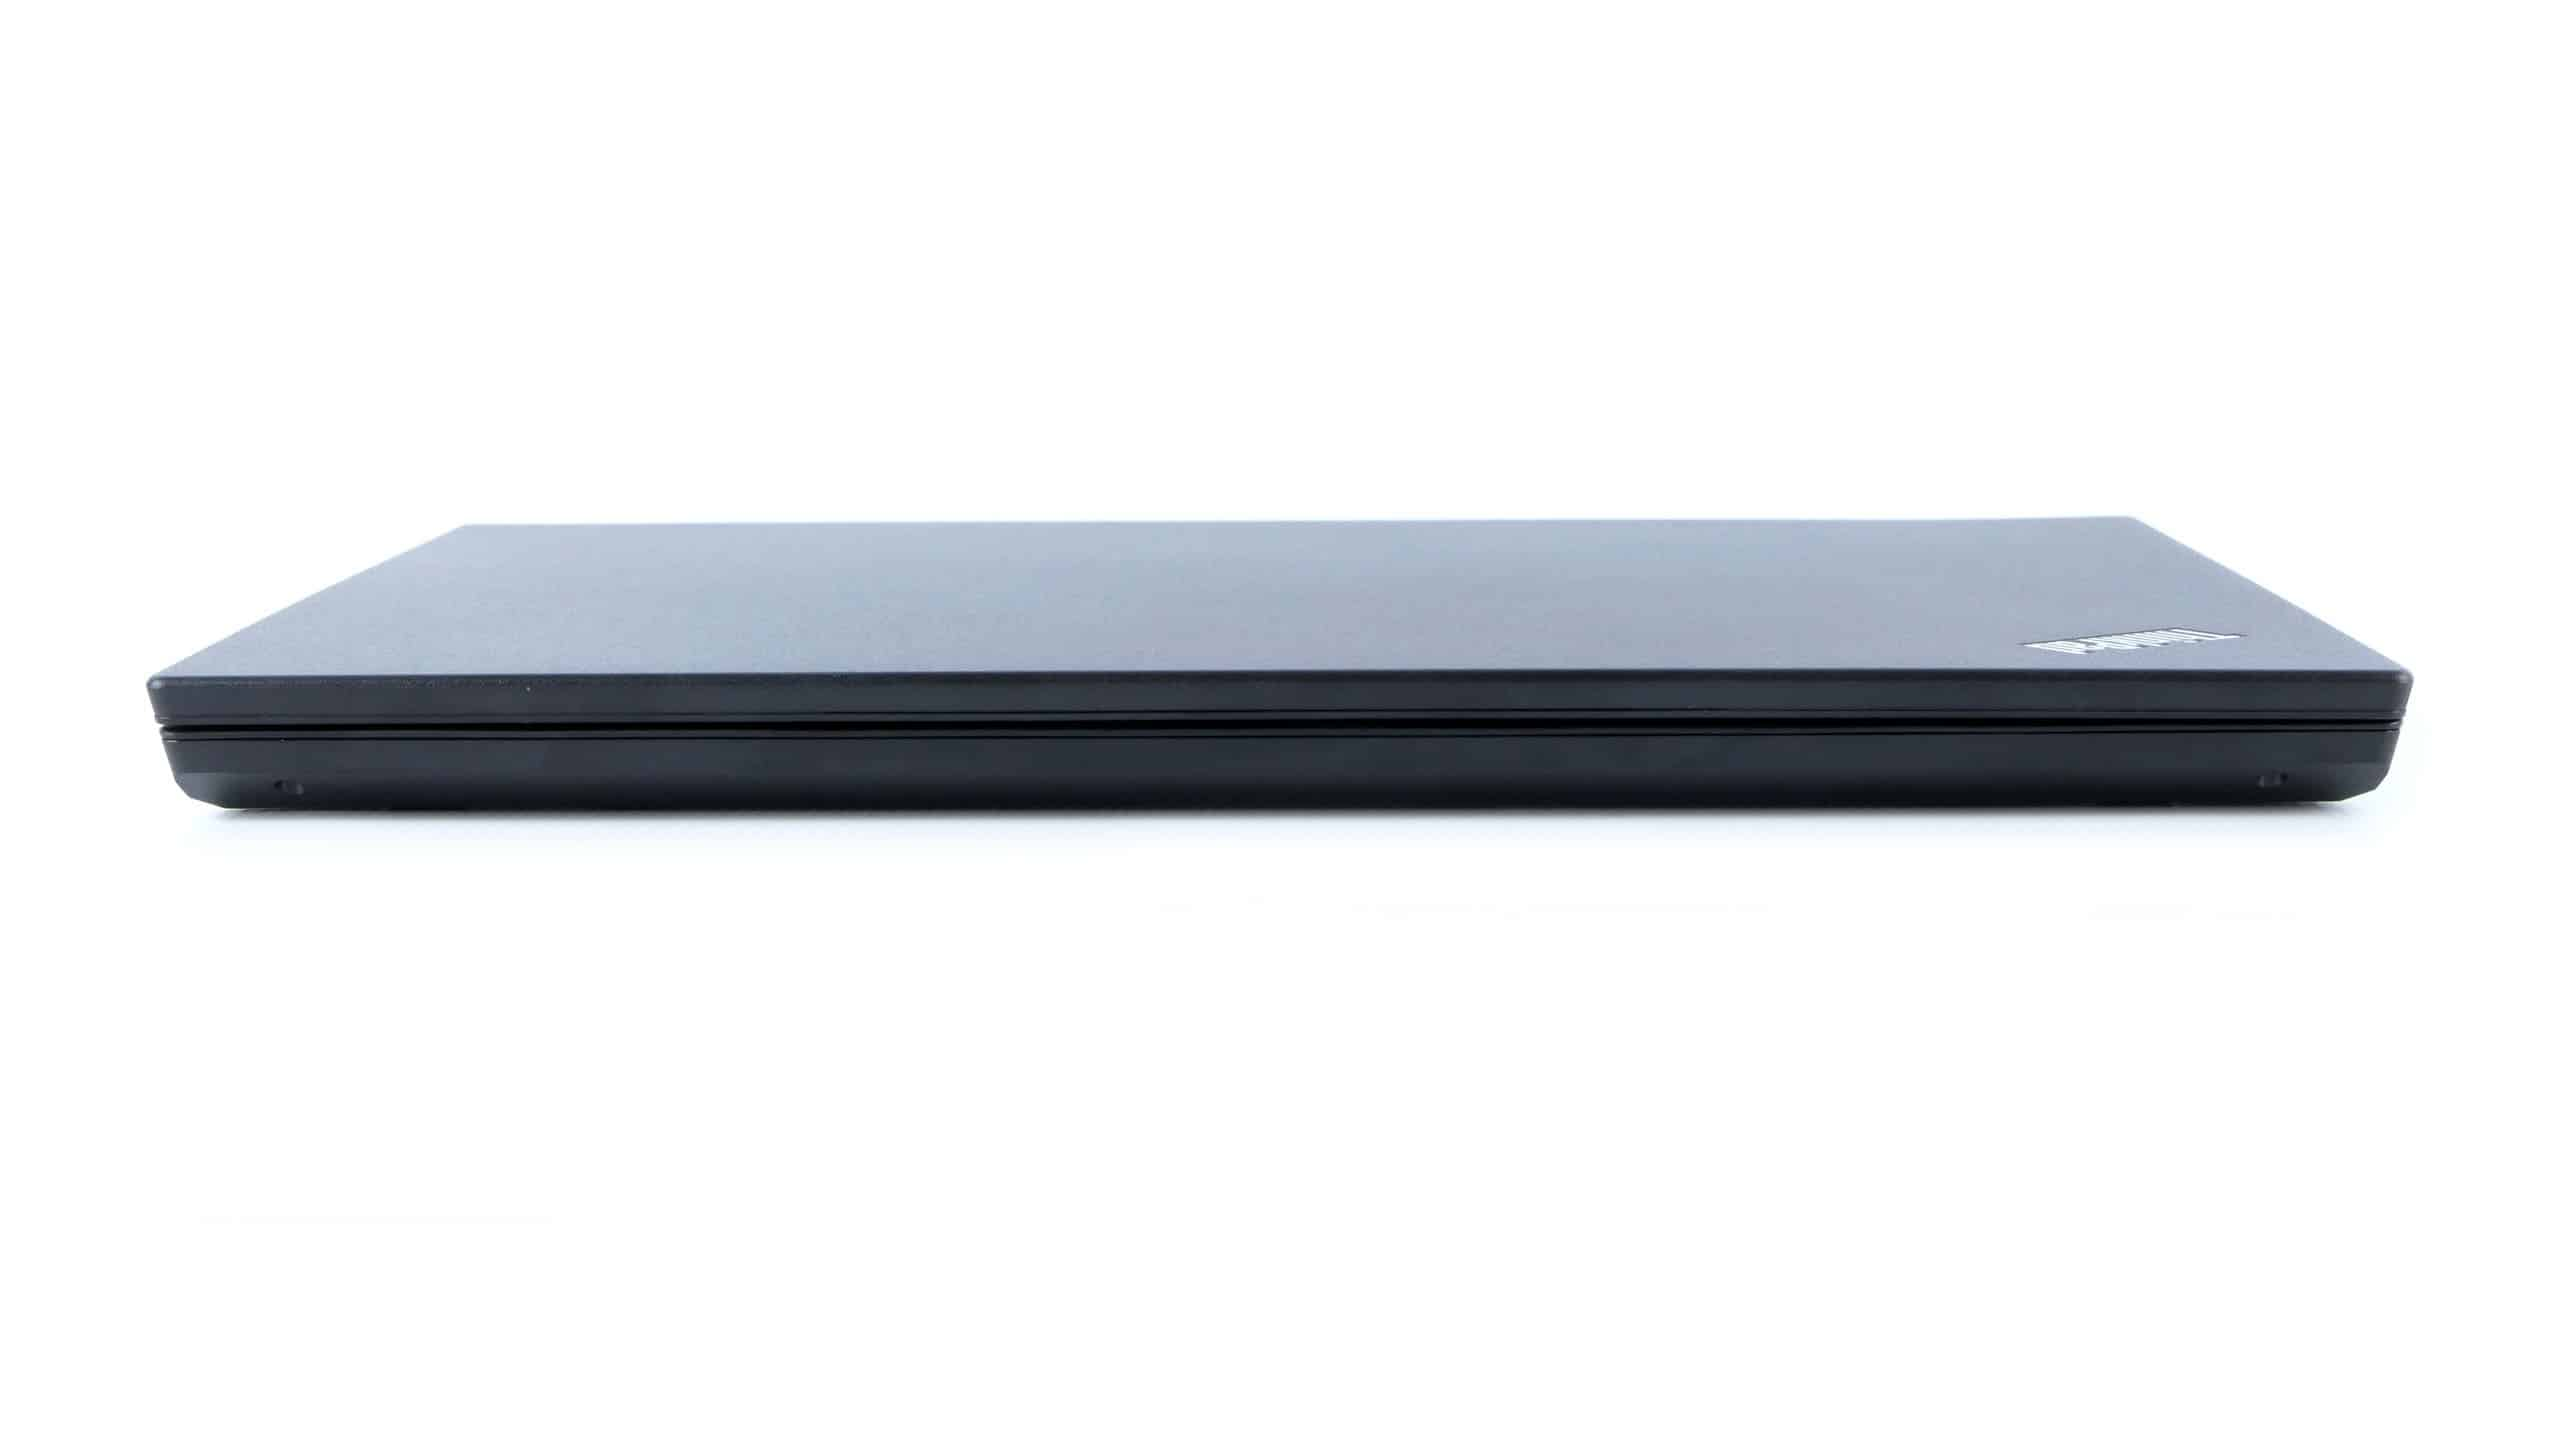 Lenovo ThinkPad L480 - front notebooka